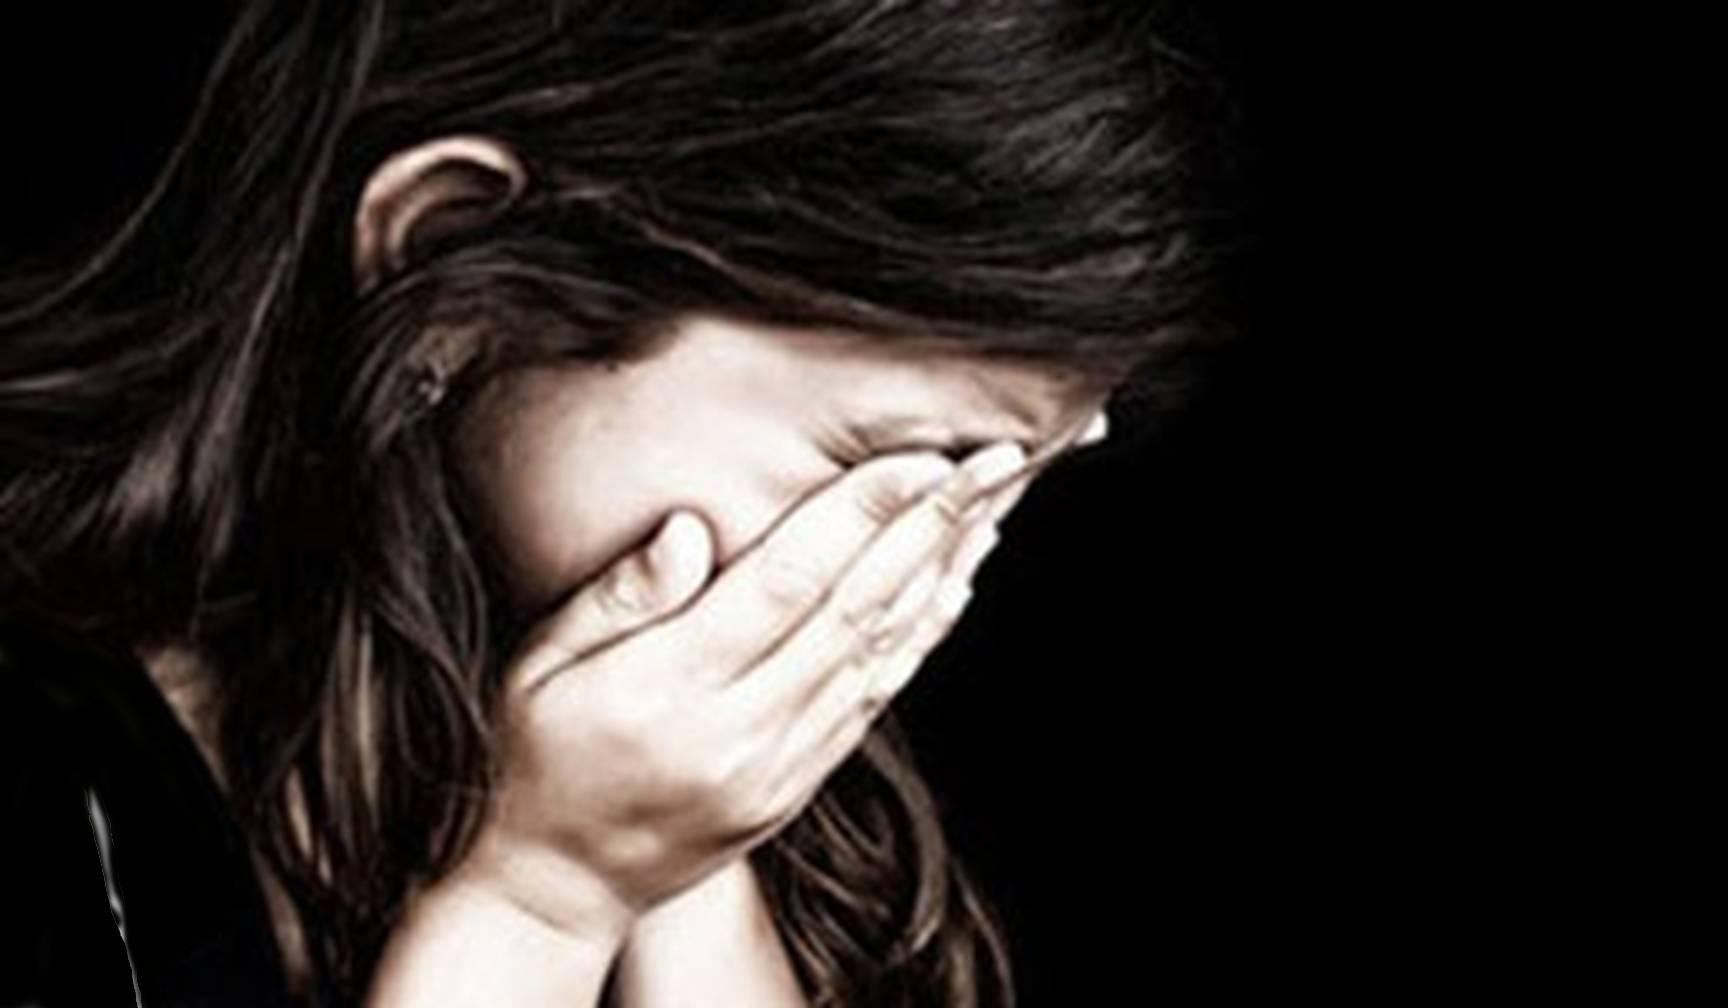 مجسٹریٹ کی مبینہ زیادتی کا شکار لڑکی دارالامان منتقل